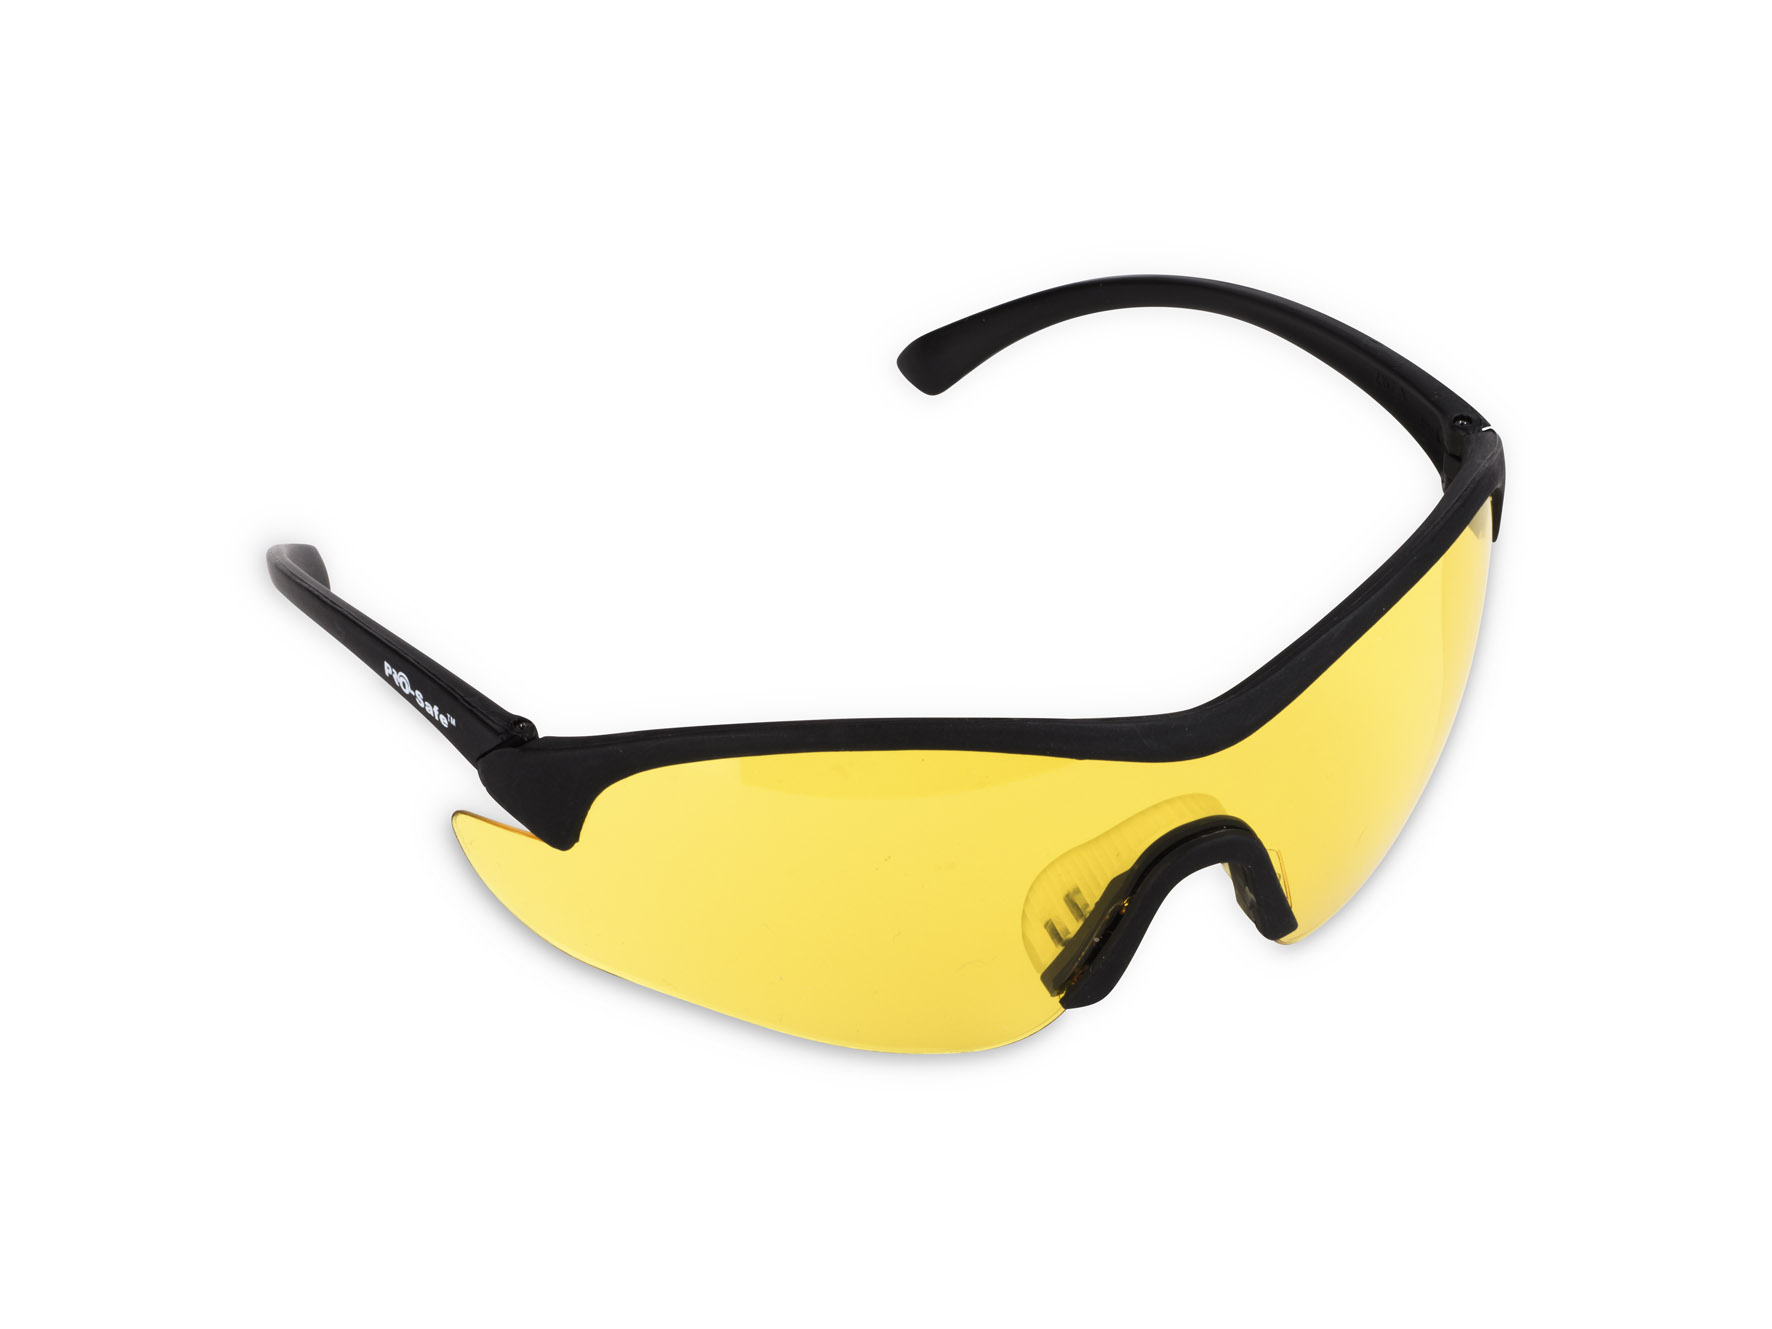 Beskyttelsesbriller komfort UV - gul